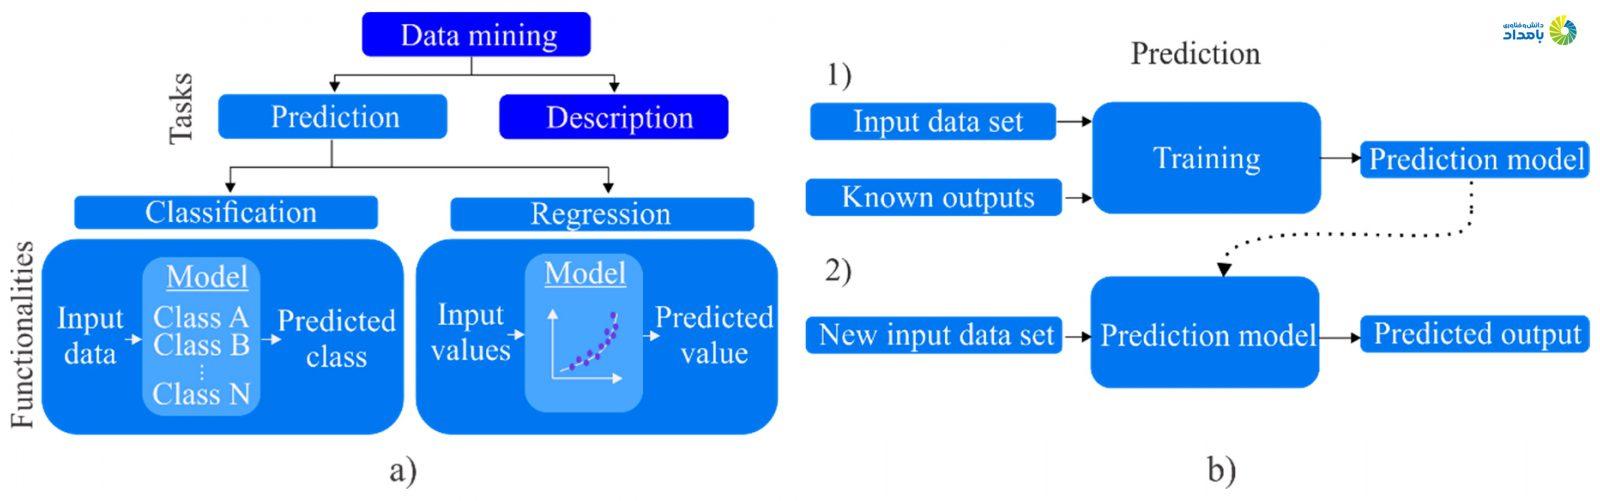 هر یک از مدلها پیشگویانه و توصیفی مراحل خاص خود را دارند. در سمت راست تصویر مدل پیشگویانه و در سمت چپ مدل توصیفی و پیشگویانه را مشاهده میکنید.